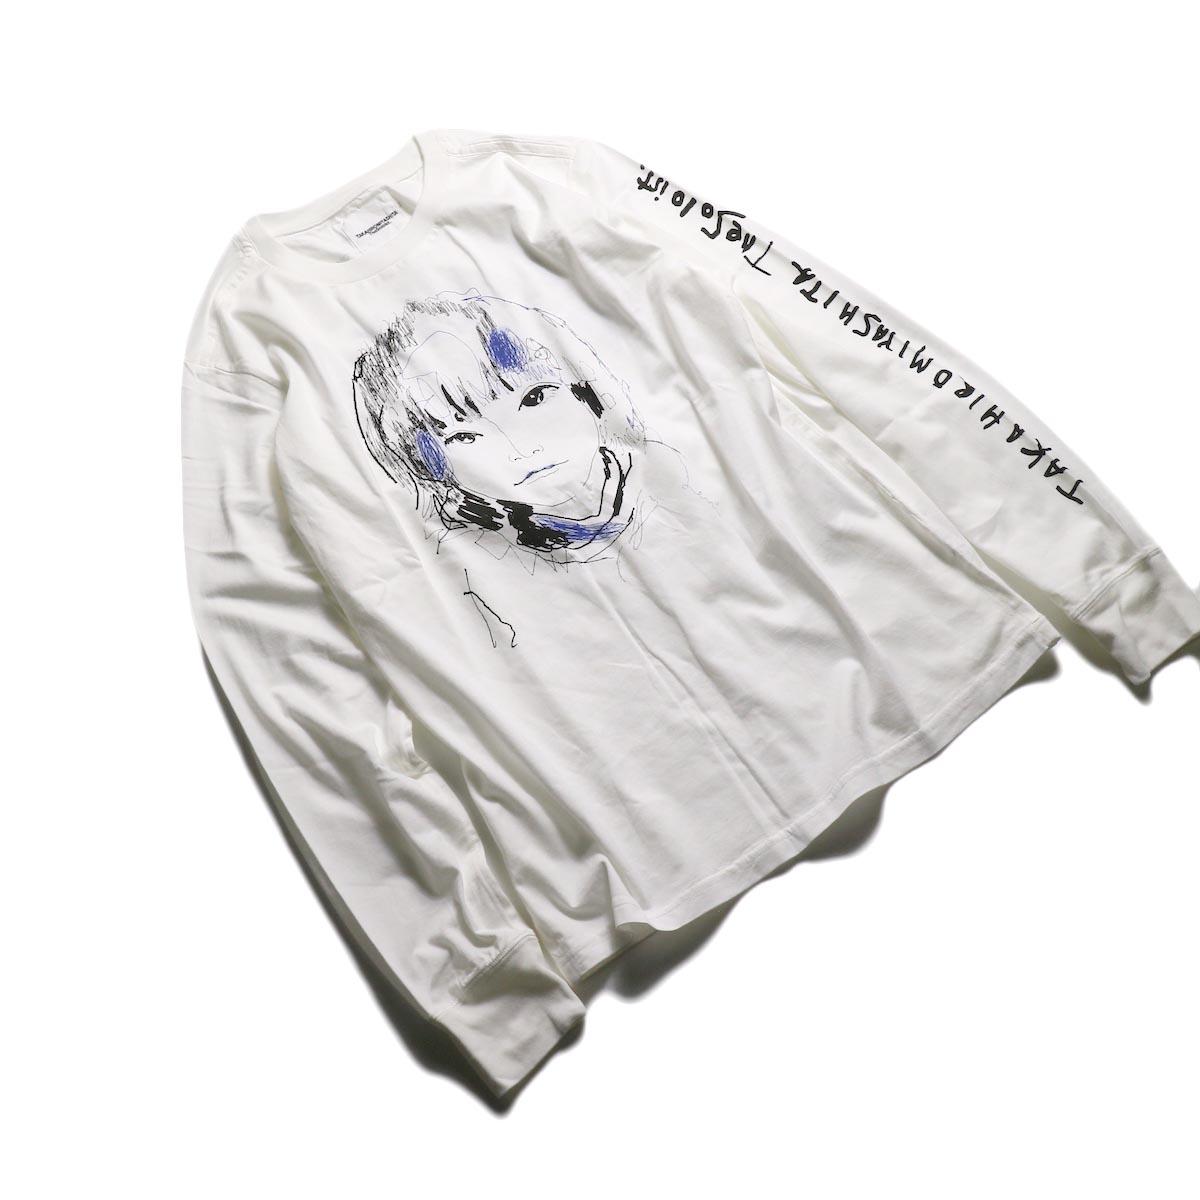 The Soloist / sc.0045AW19 OSCAR BY LEVI (long sleeve) -White 全体像